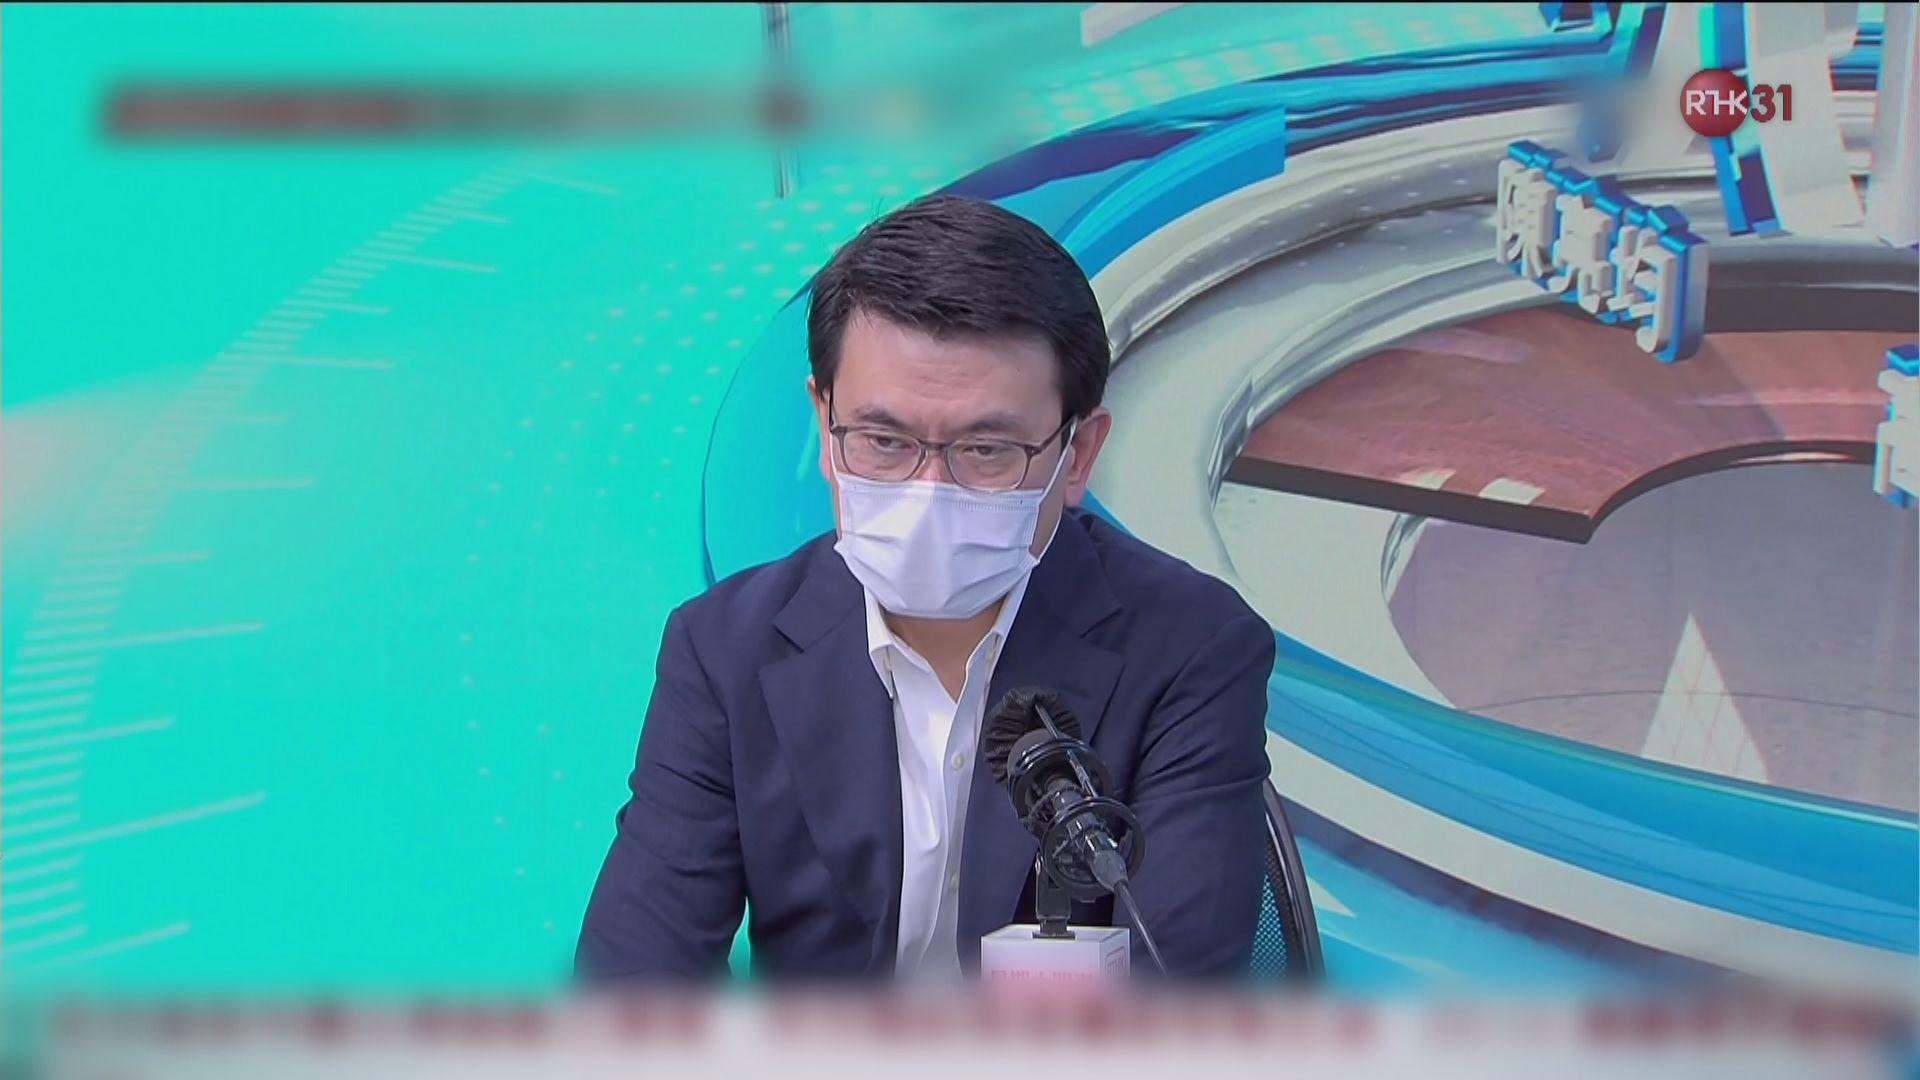 邱騰華:電話卡實名制不影響新聞自由